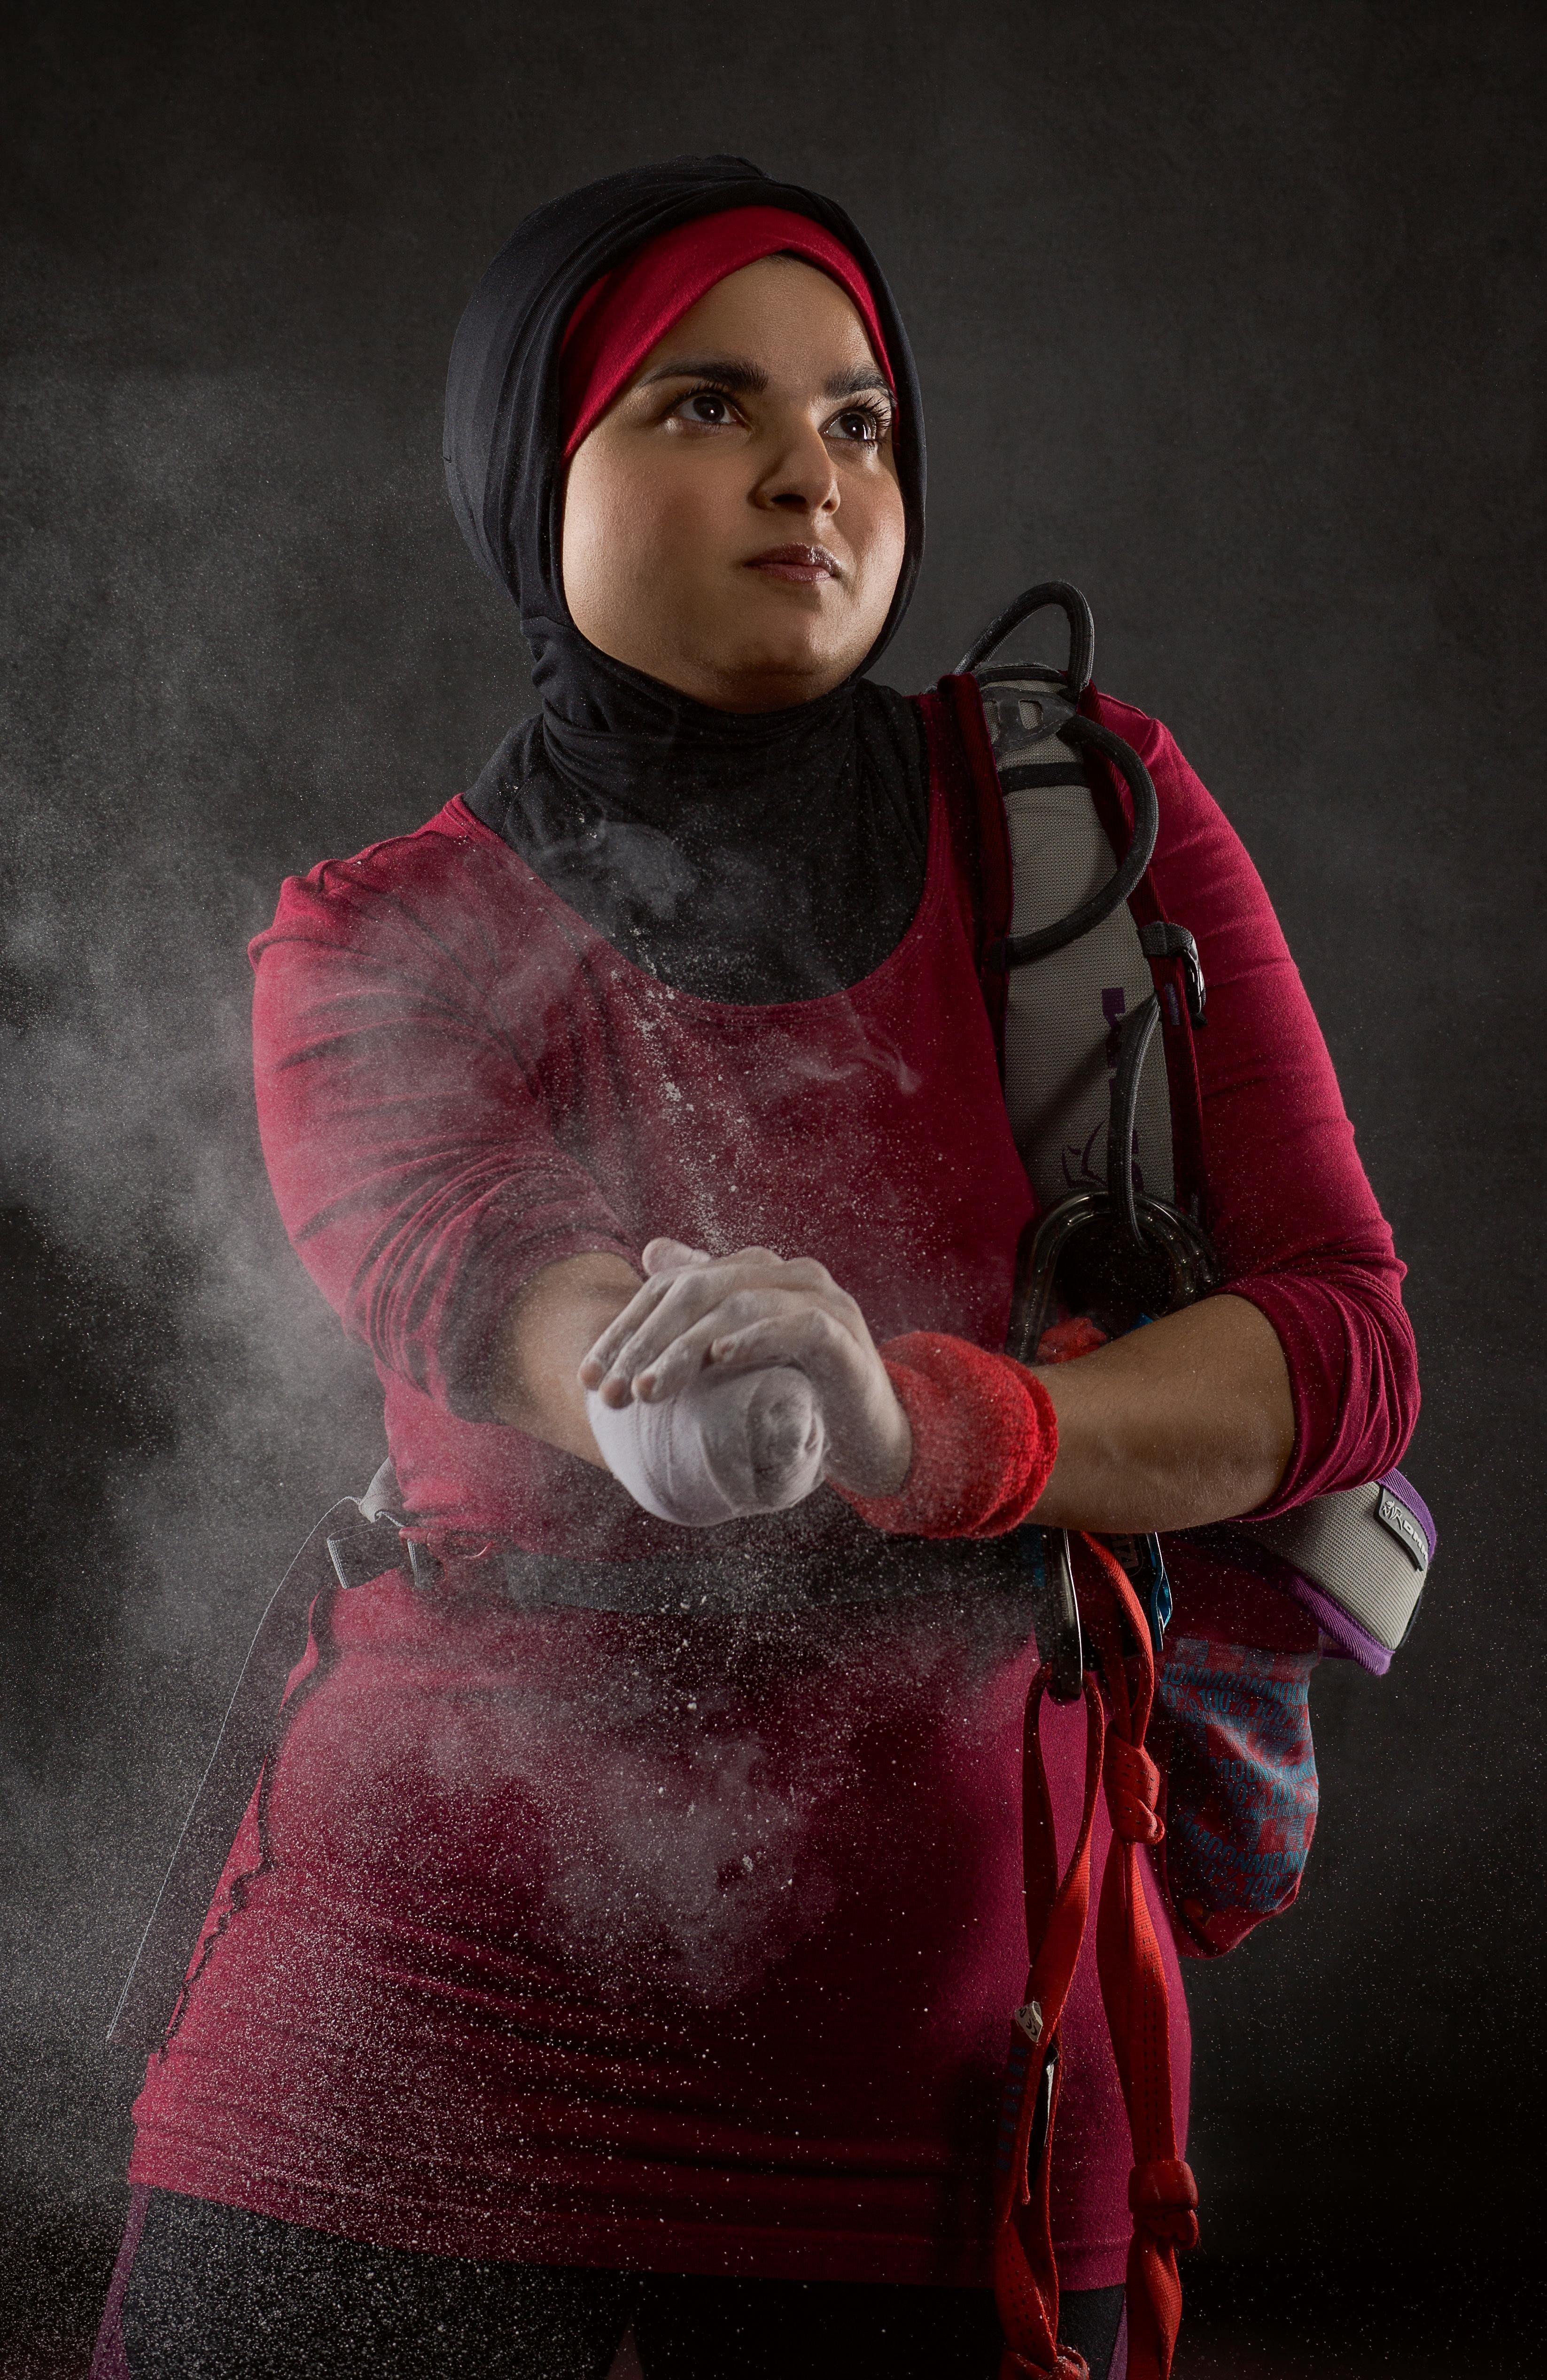 Hijab femeie intalnire)